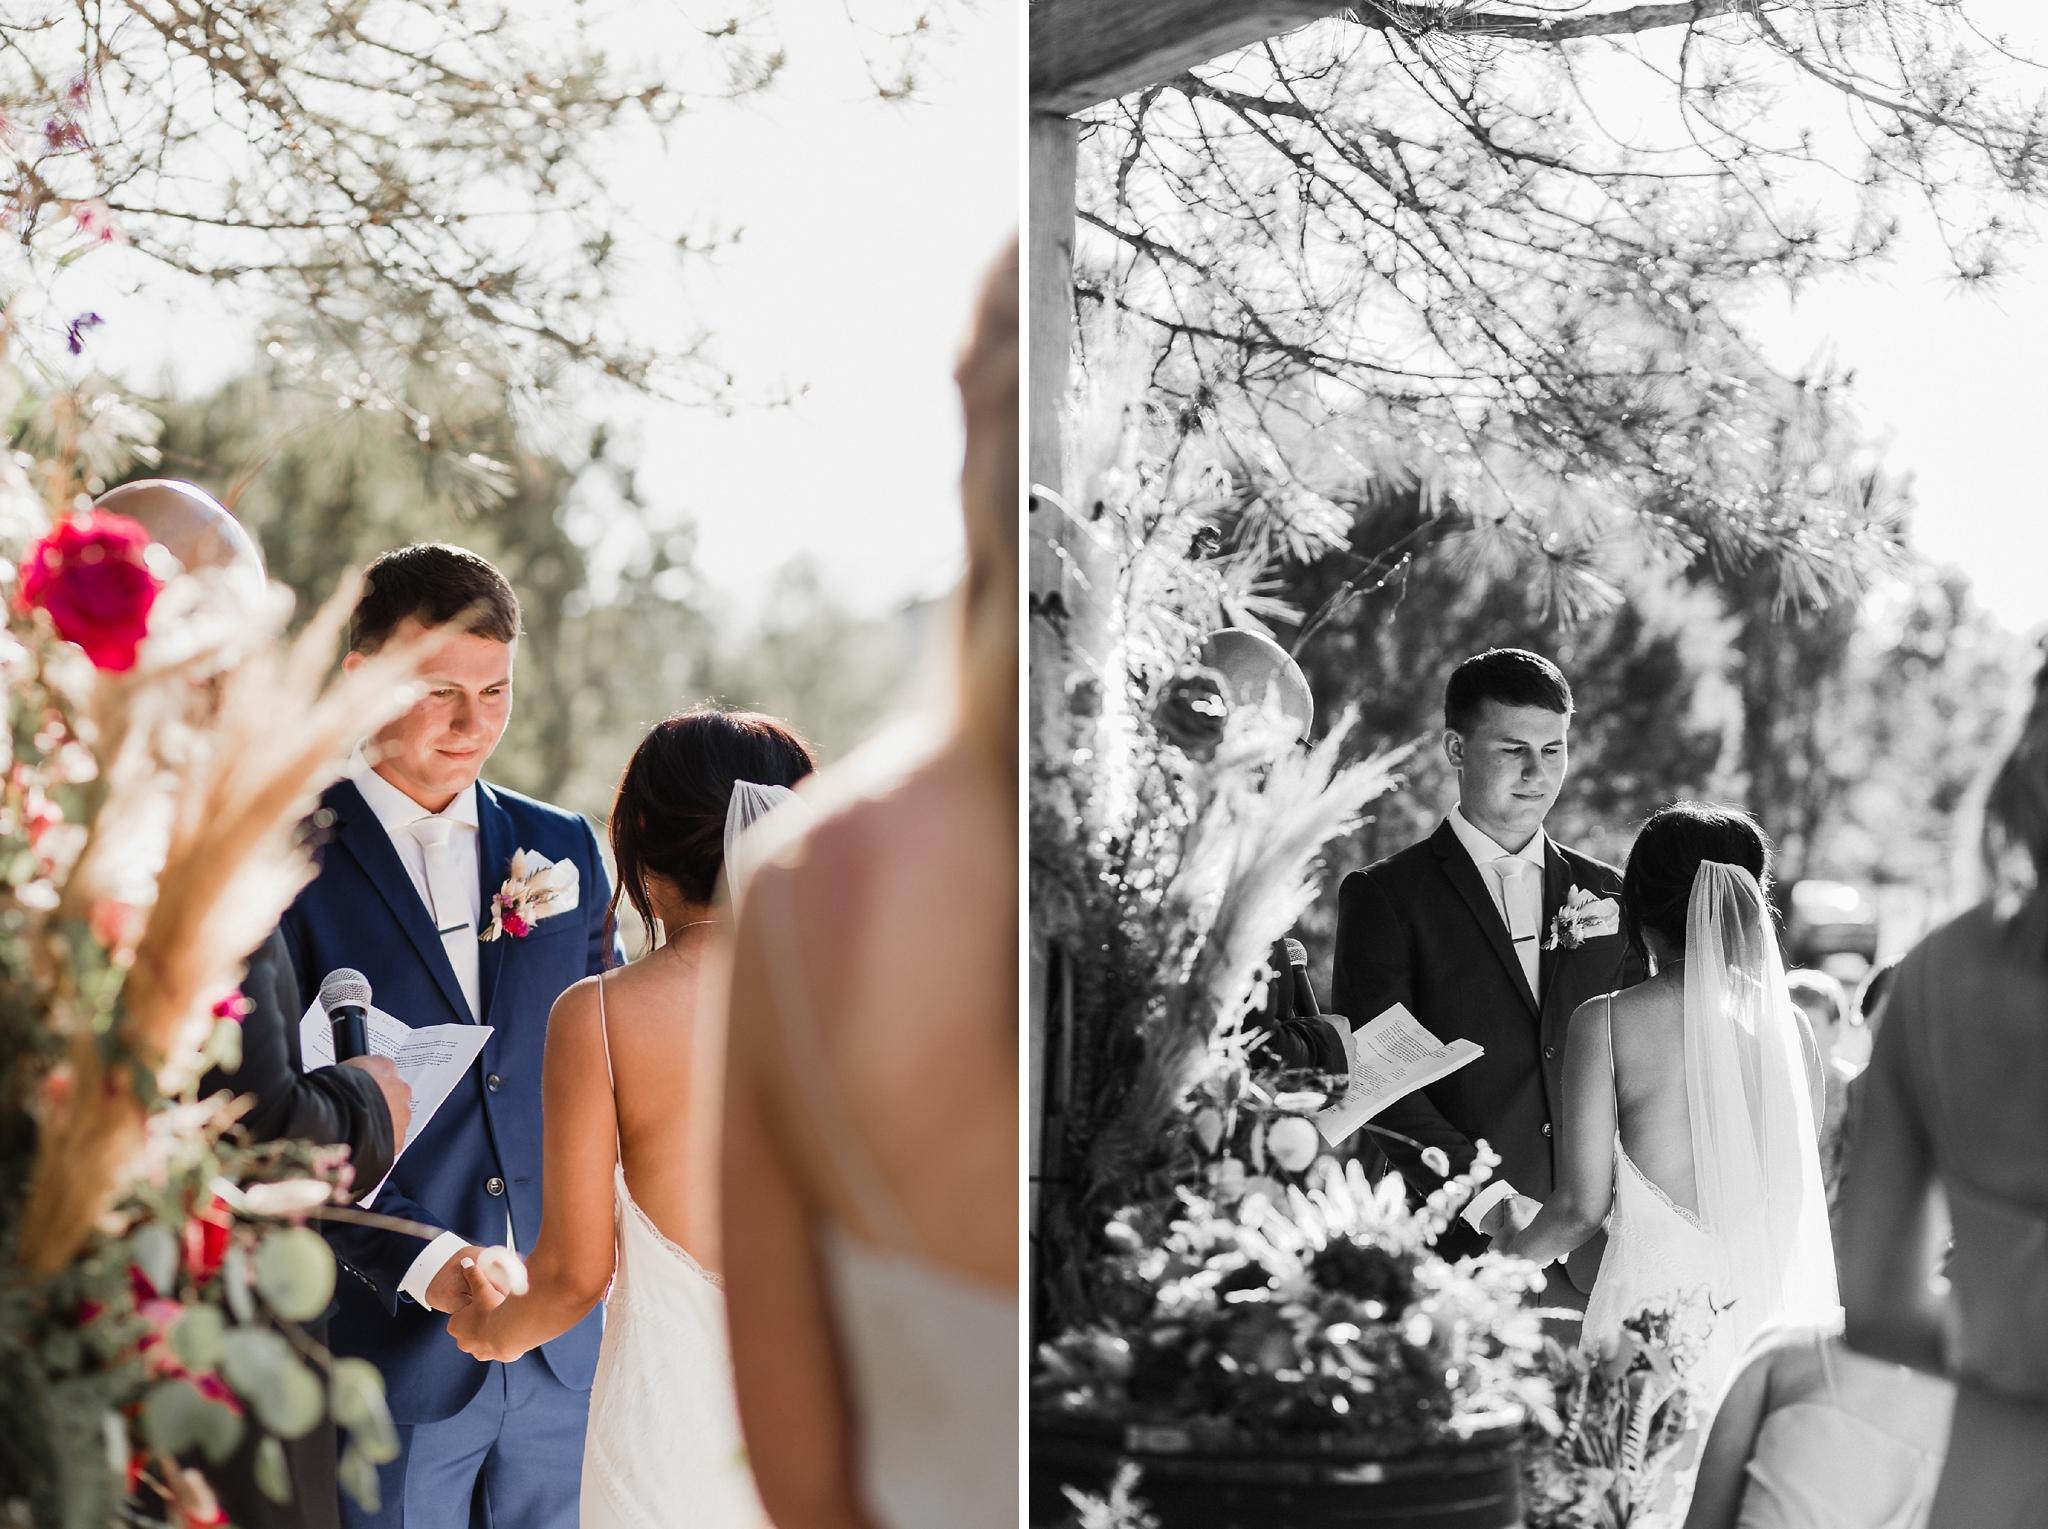 Alicia+lucia+photography+-+albuquerque+wedding+photographer+-+santa+fe+wedding+photography+-+new+mexico+wedding+photographer+-+new+mexico+wedding+-+new+mexico+wedding+-+barn+wedding+-+enchanted+vine+barn+wedding+-+ruidoso+wedding_0100.jpg